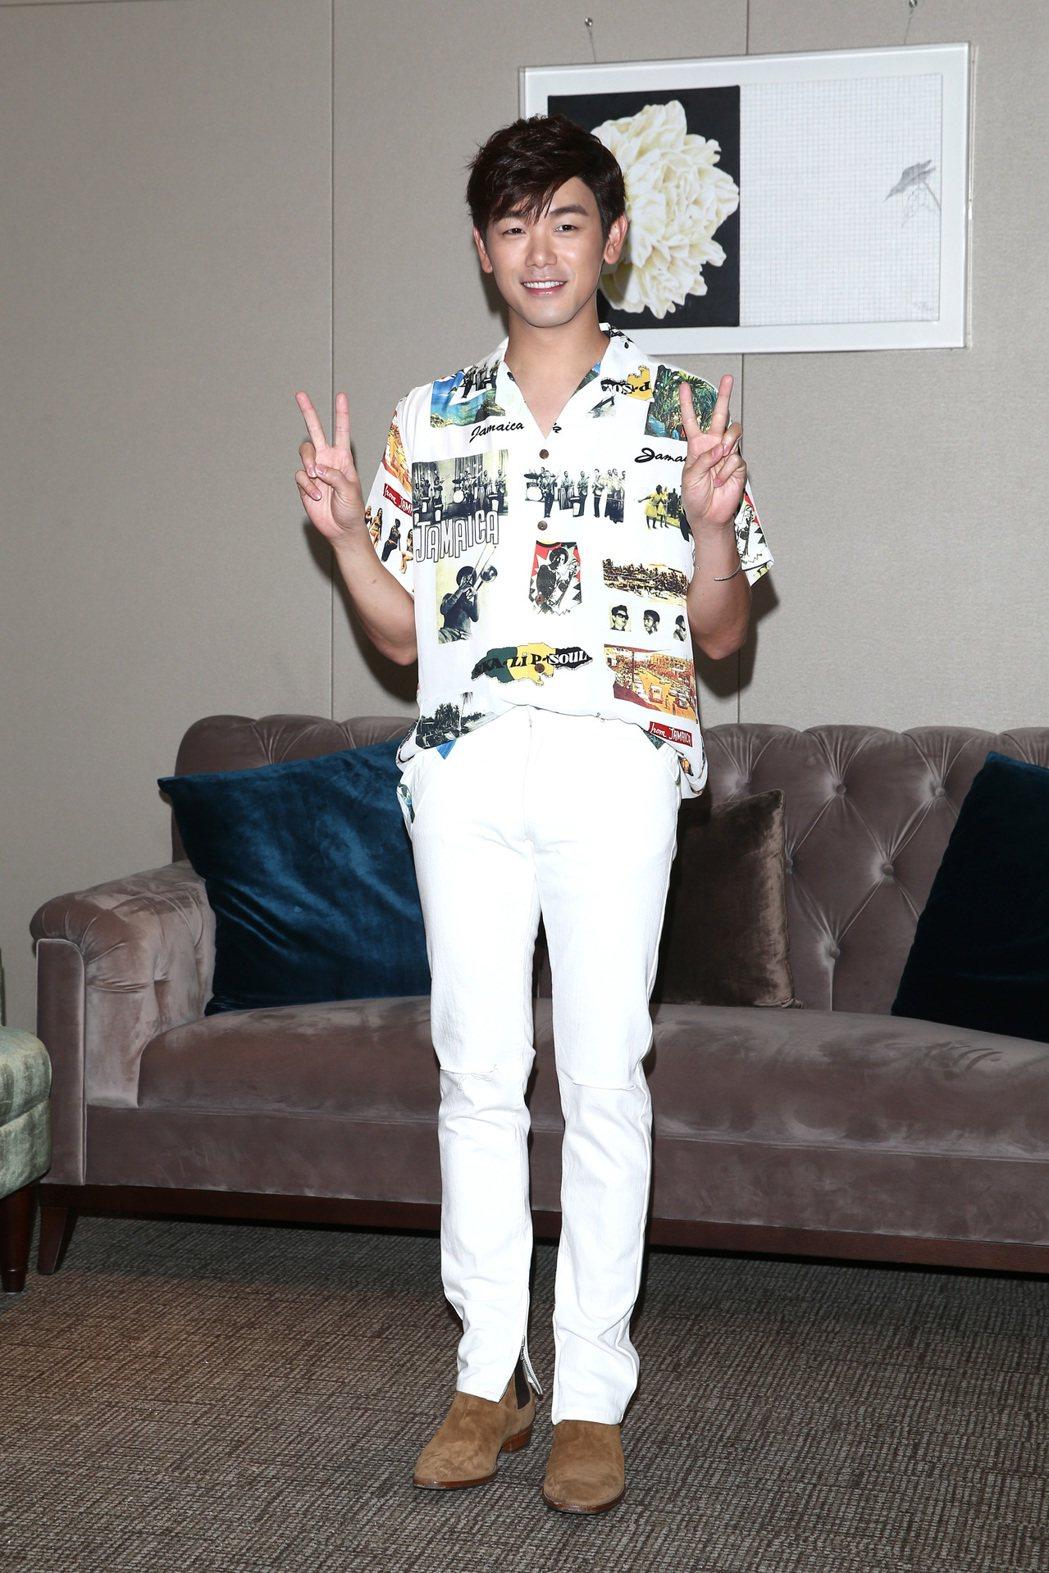 韓星男歌手Eric nam本名南允道來台舉行演唱會,回憶3年前來台巧遇颱風,只能...